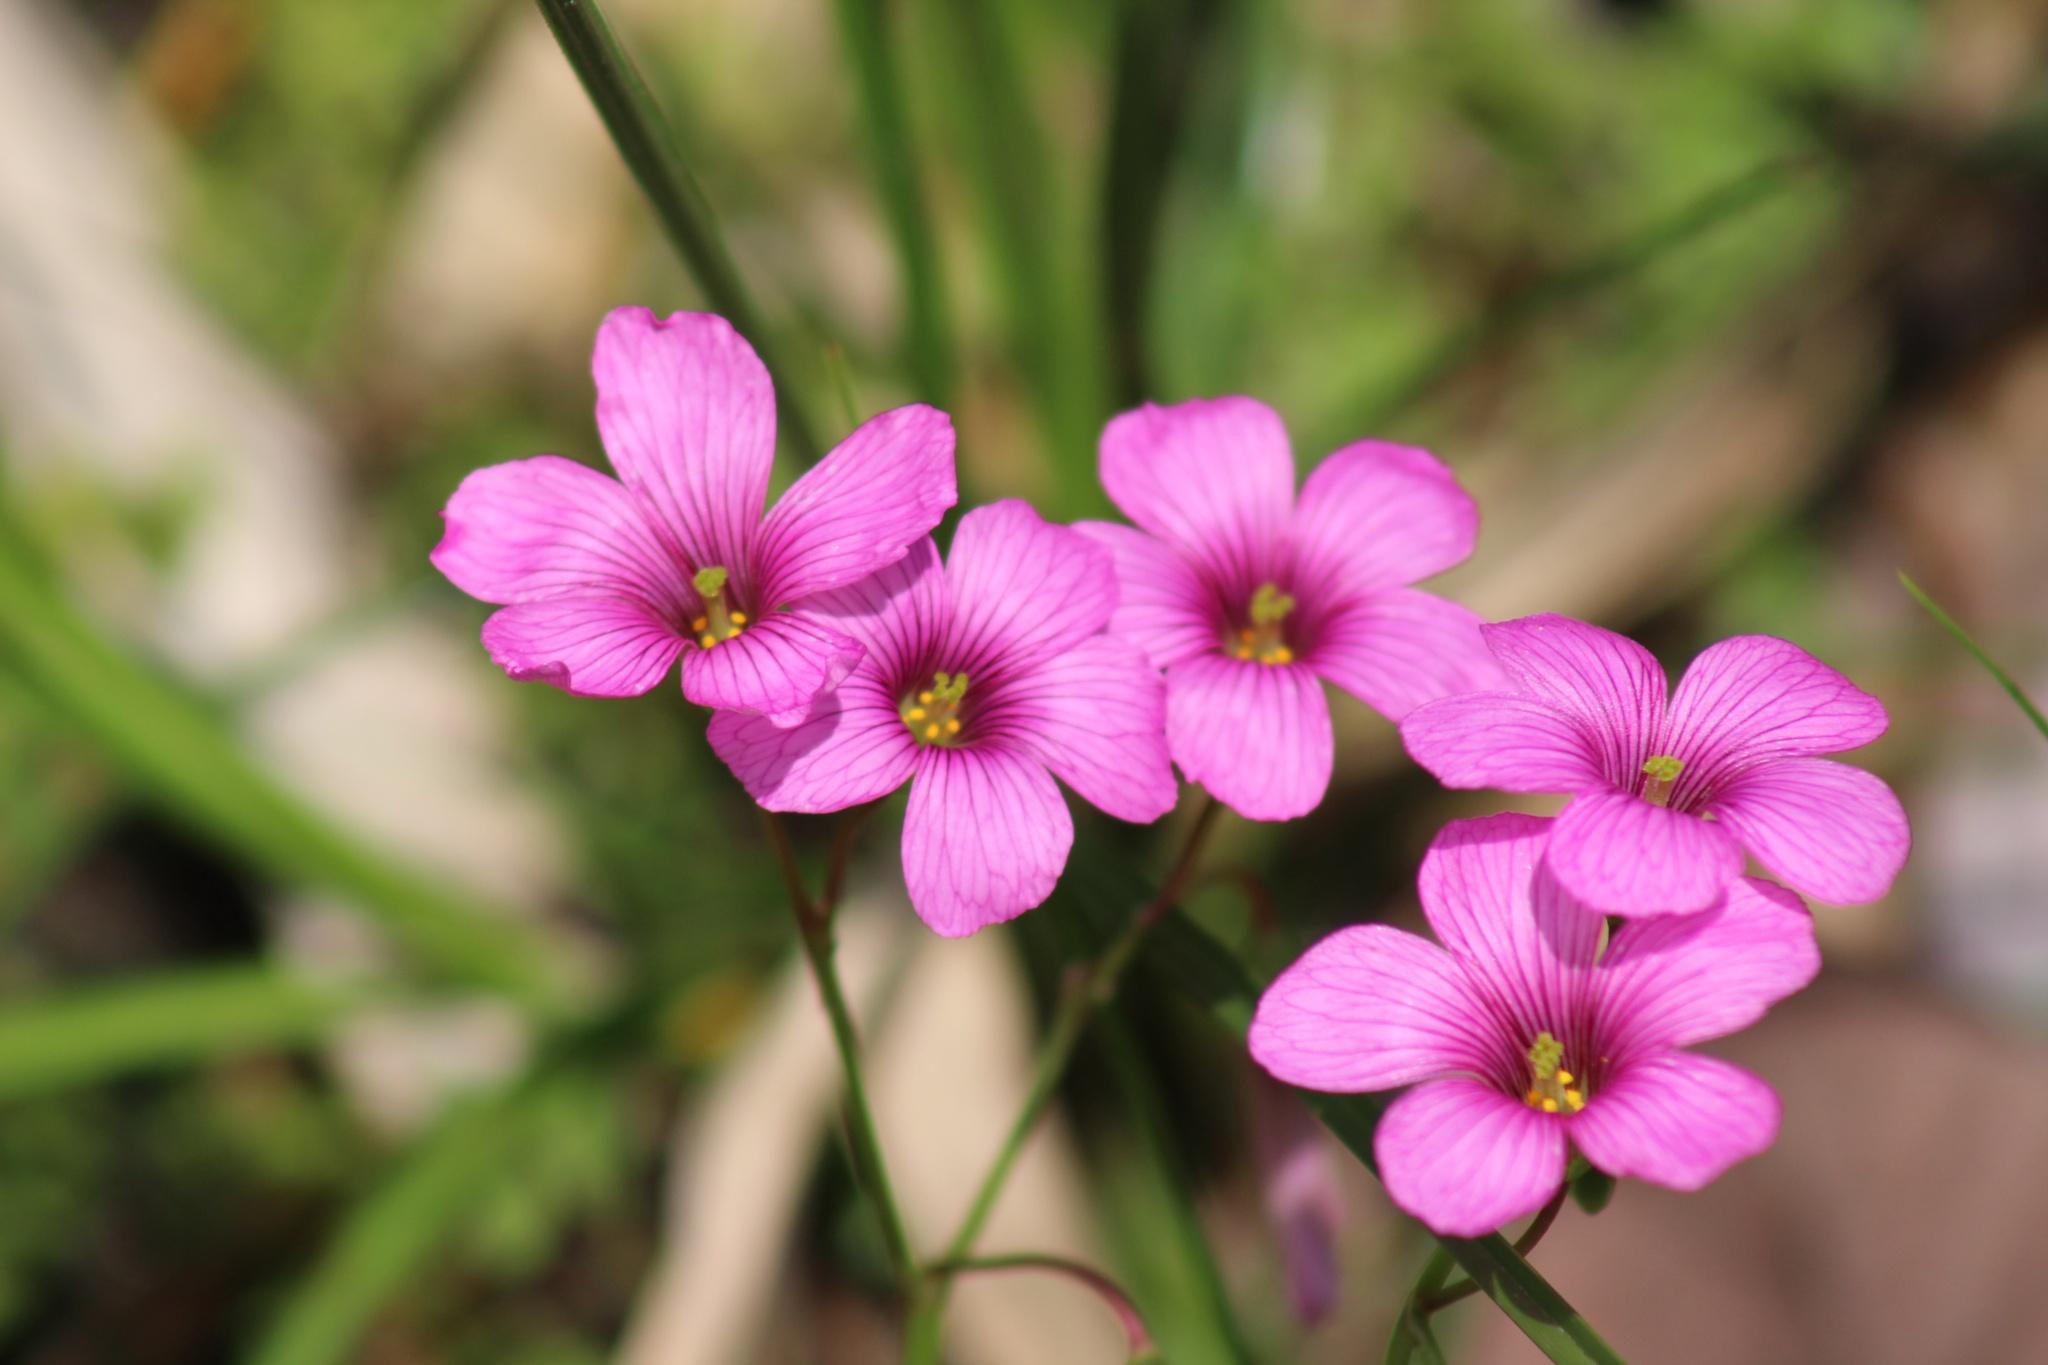 I fiori della sorgente by dovicchi